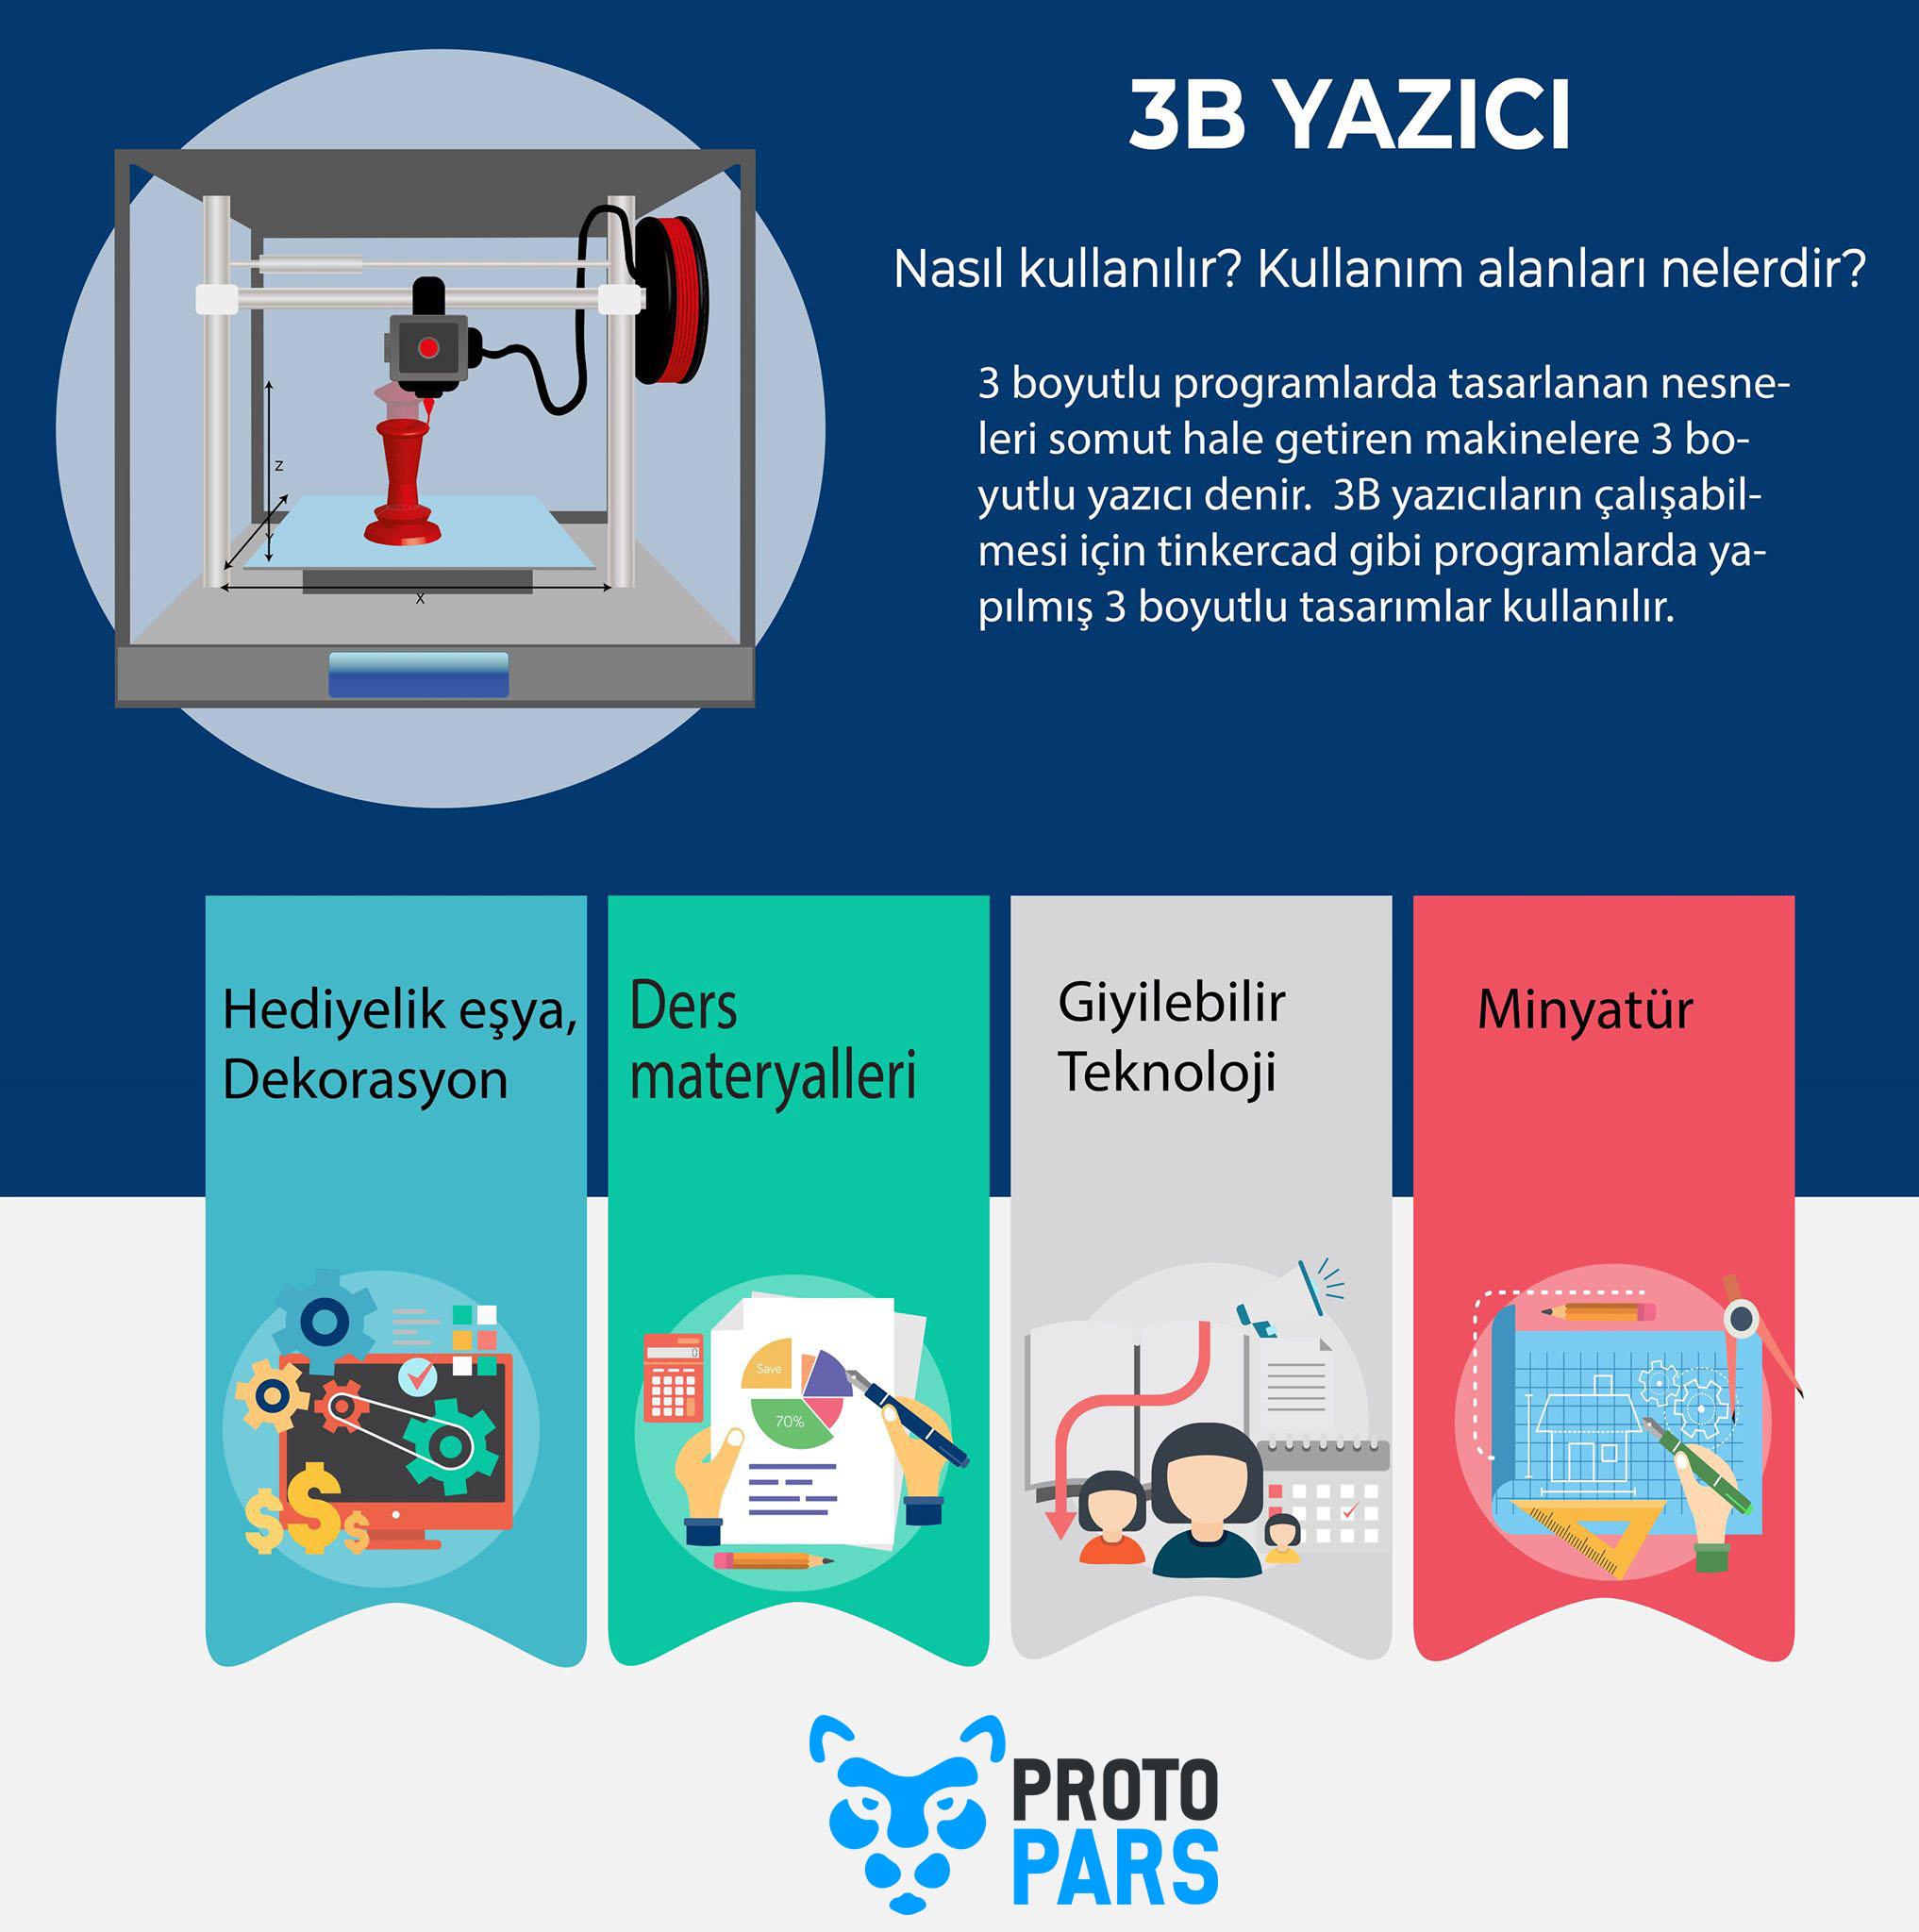 3D Yazıcı Nedir? Nasıl Kullanılır?